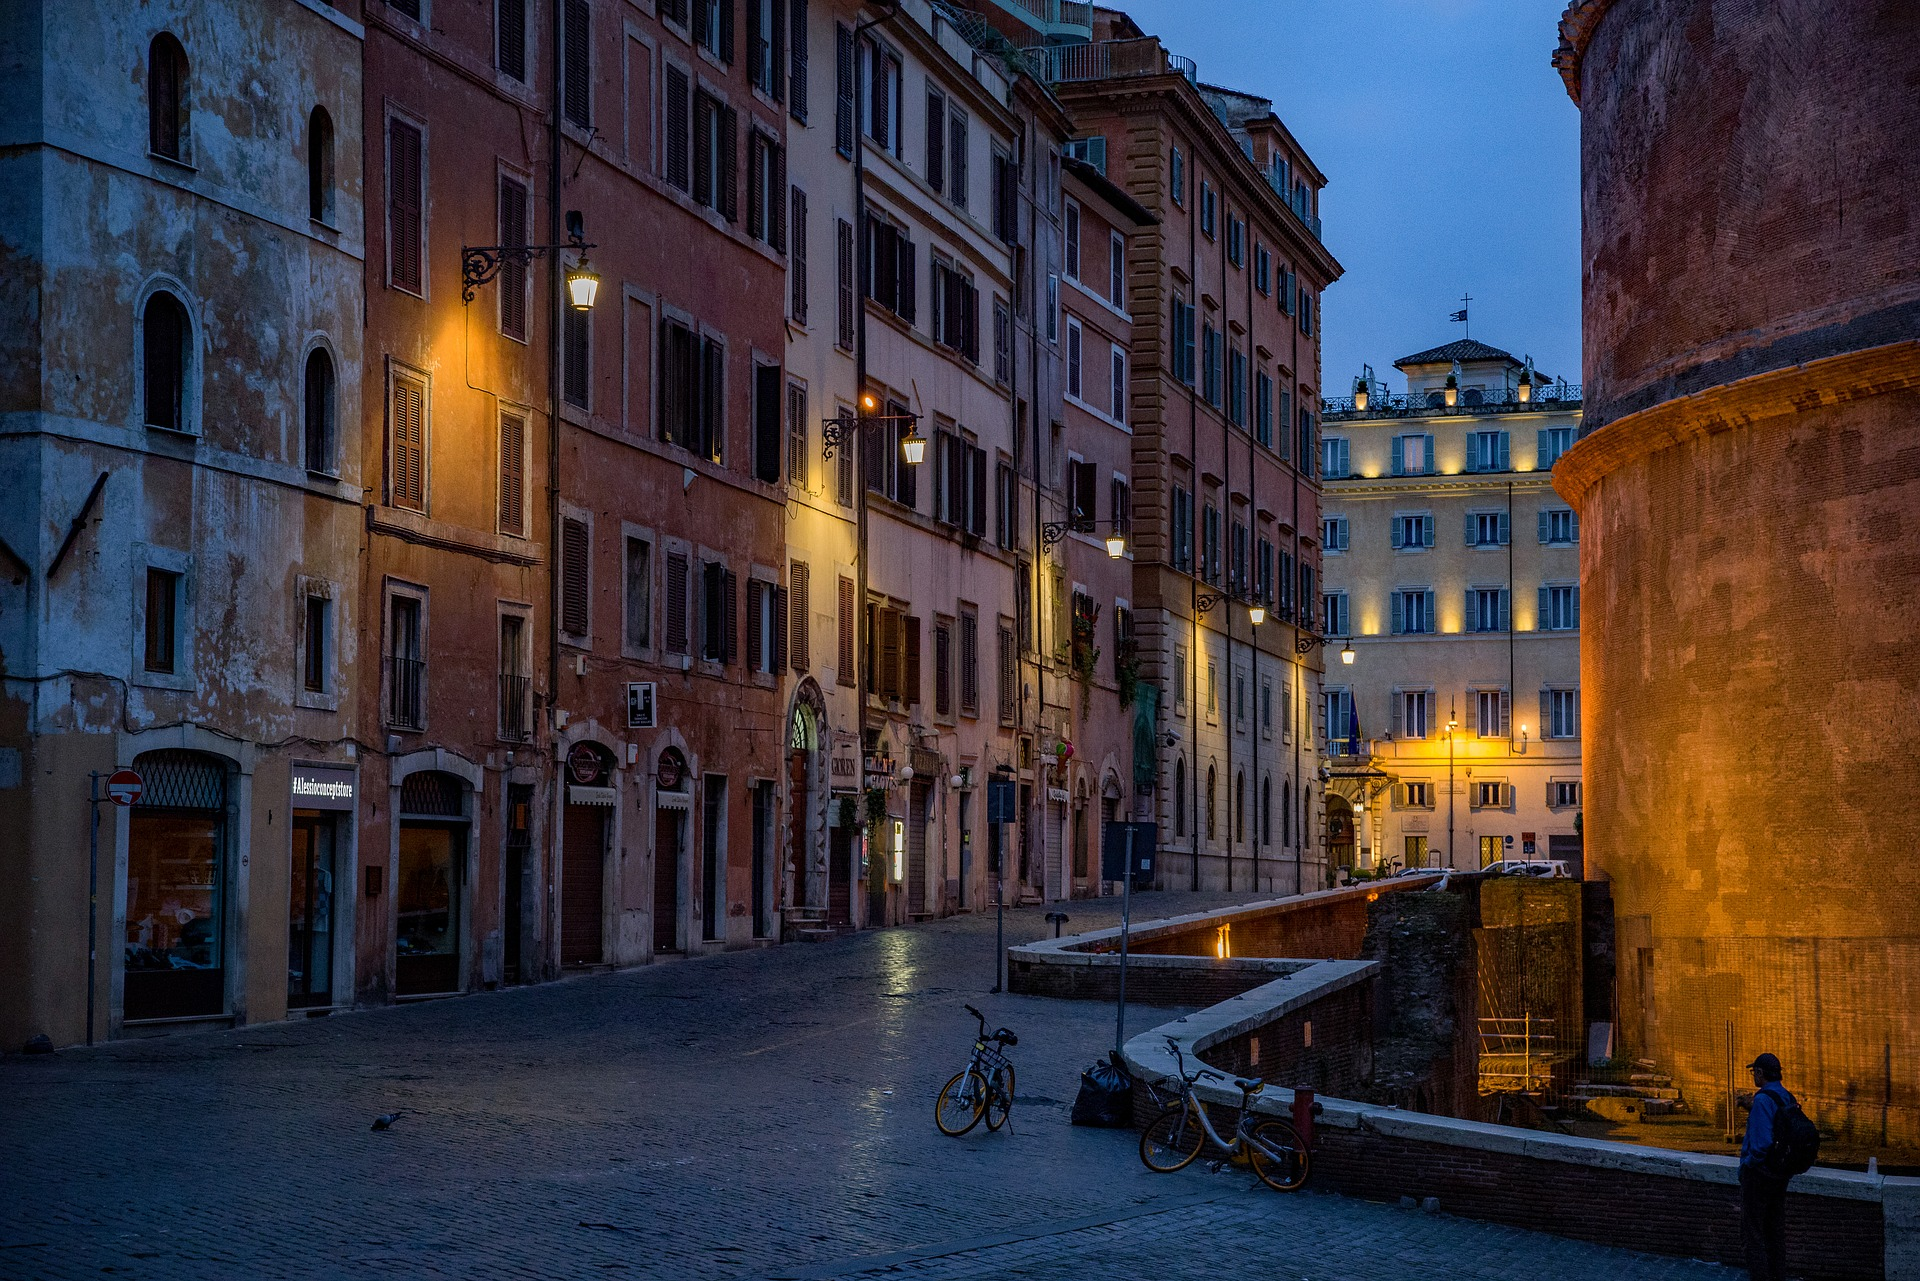 La disastrosa situazione politica italiana